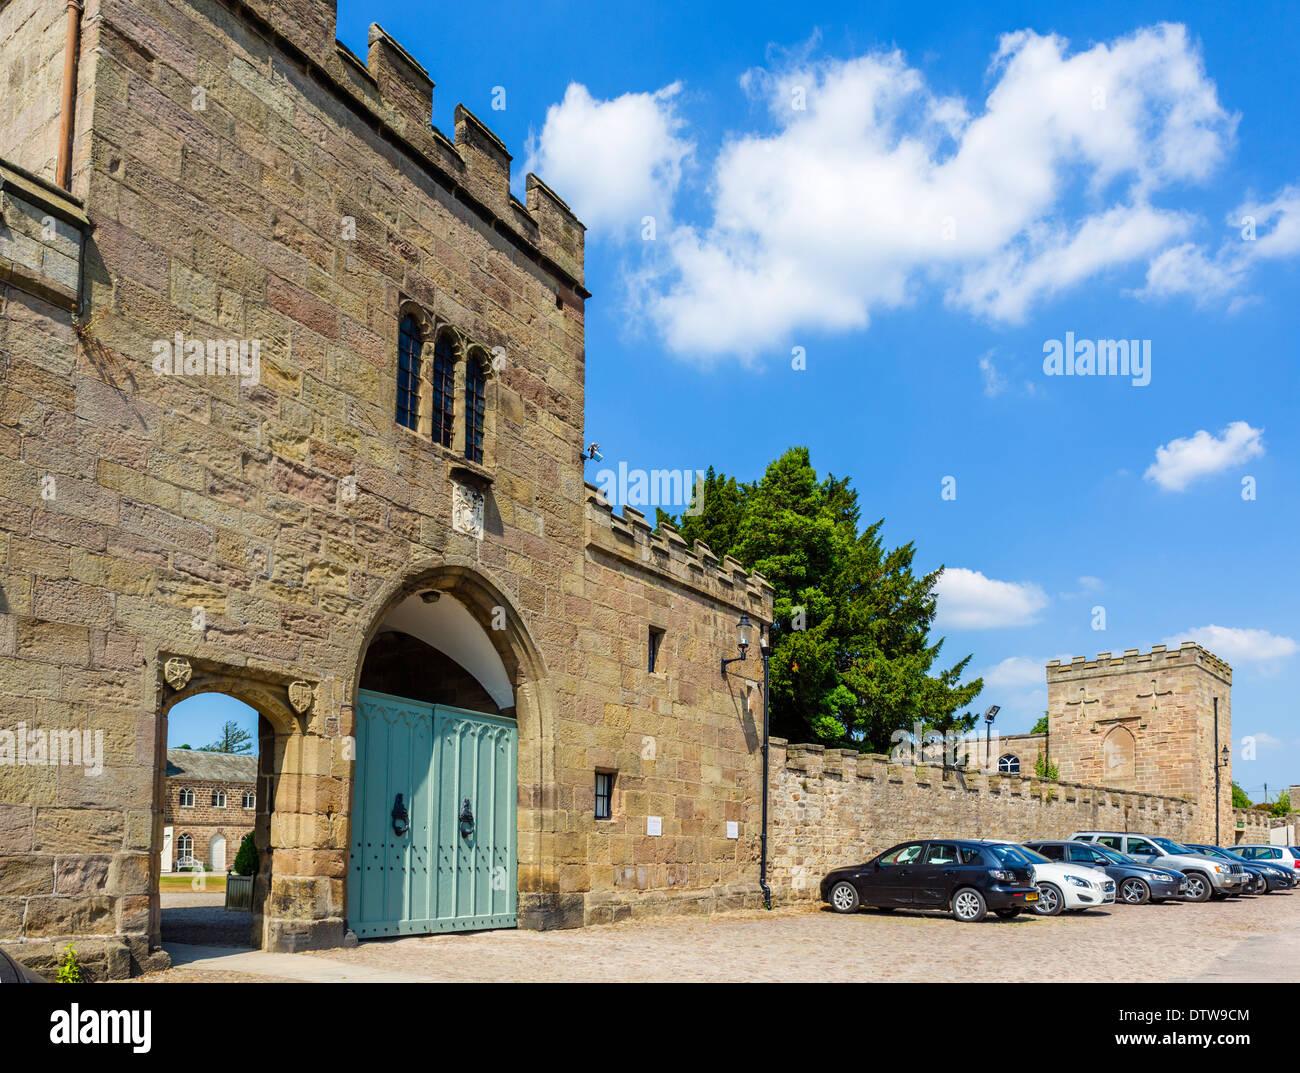 Entrée de Ripley Castle, un château à Ripley, North Yorkshire, England, UK Photo Stock